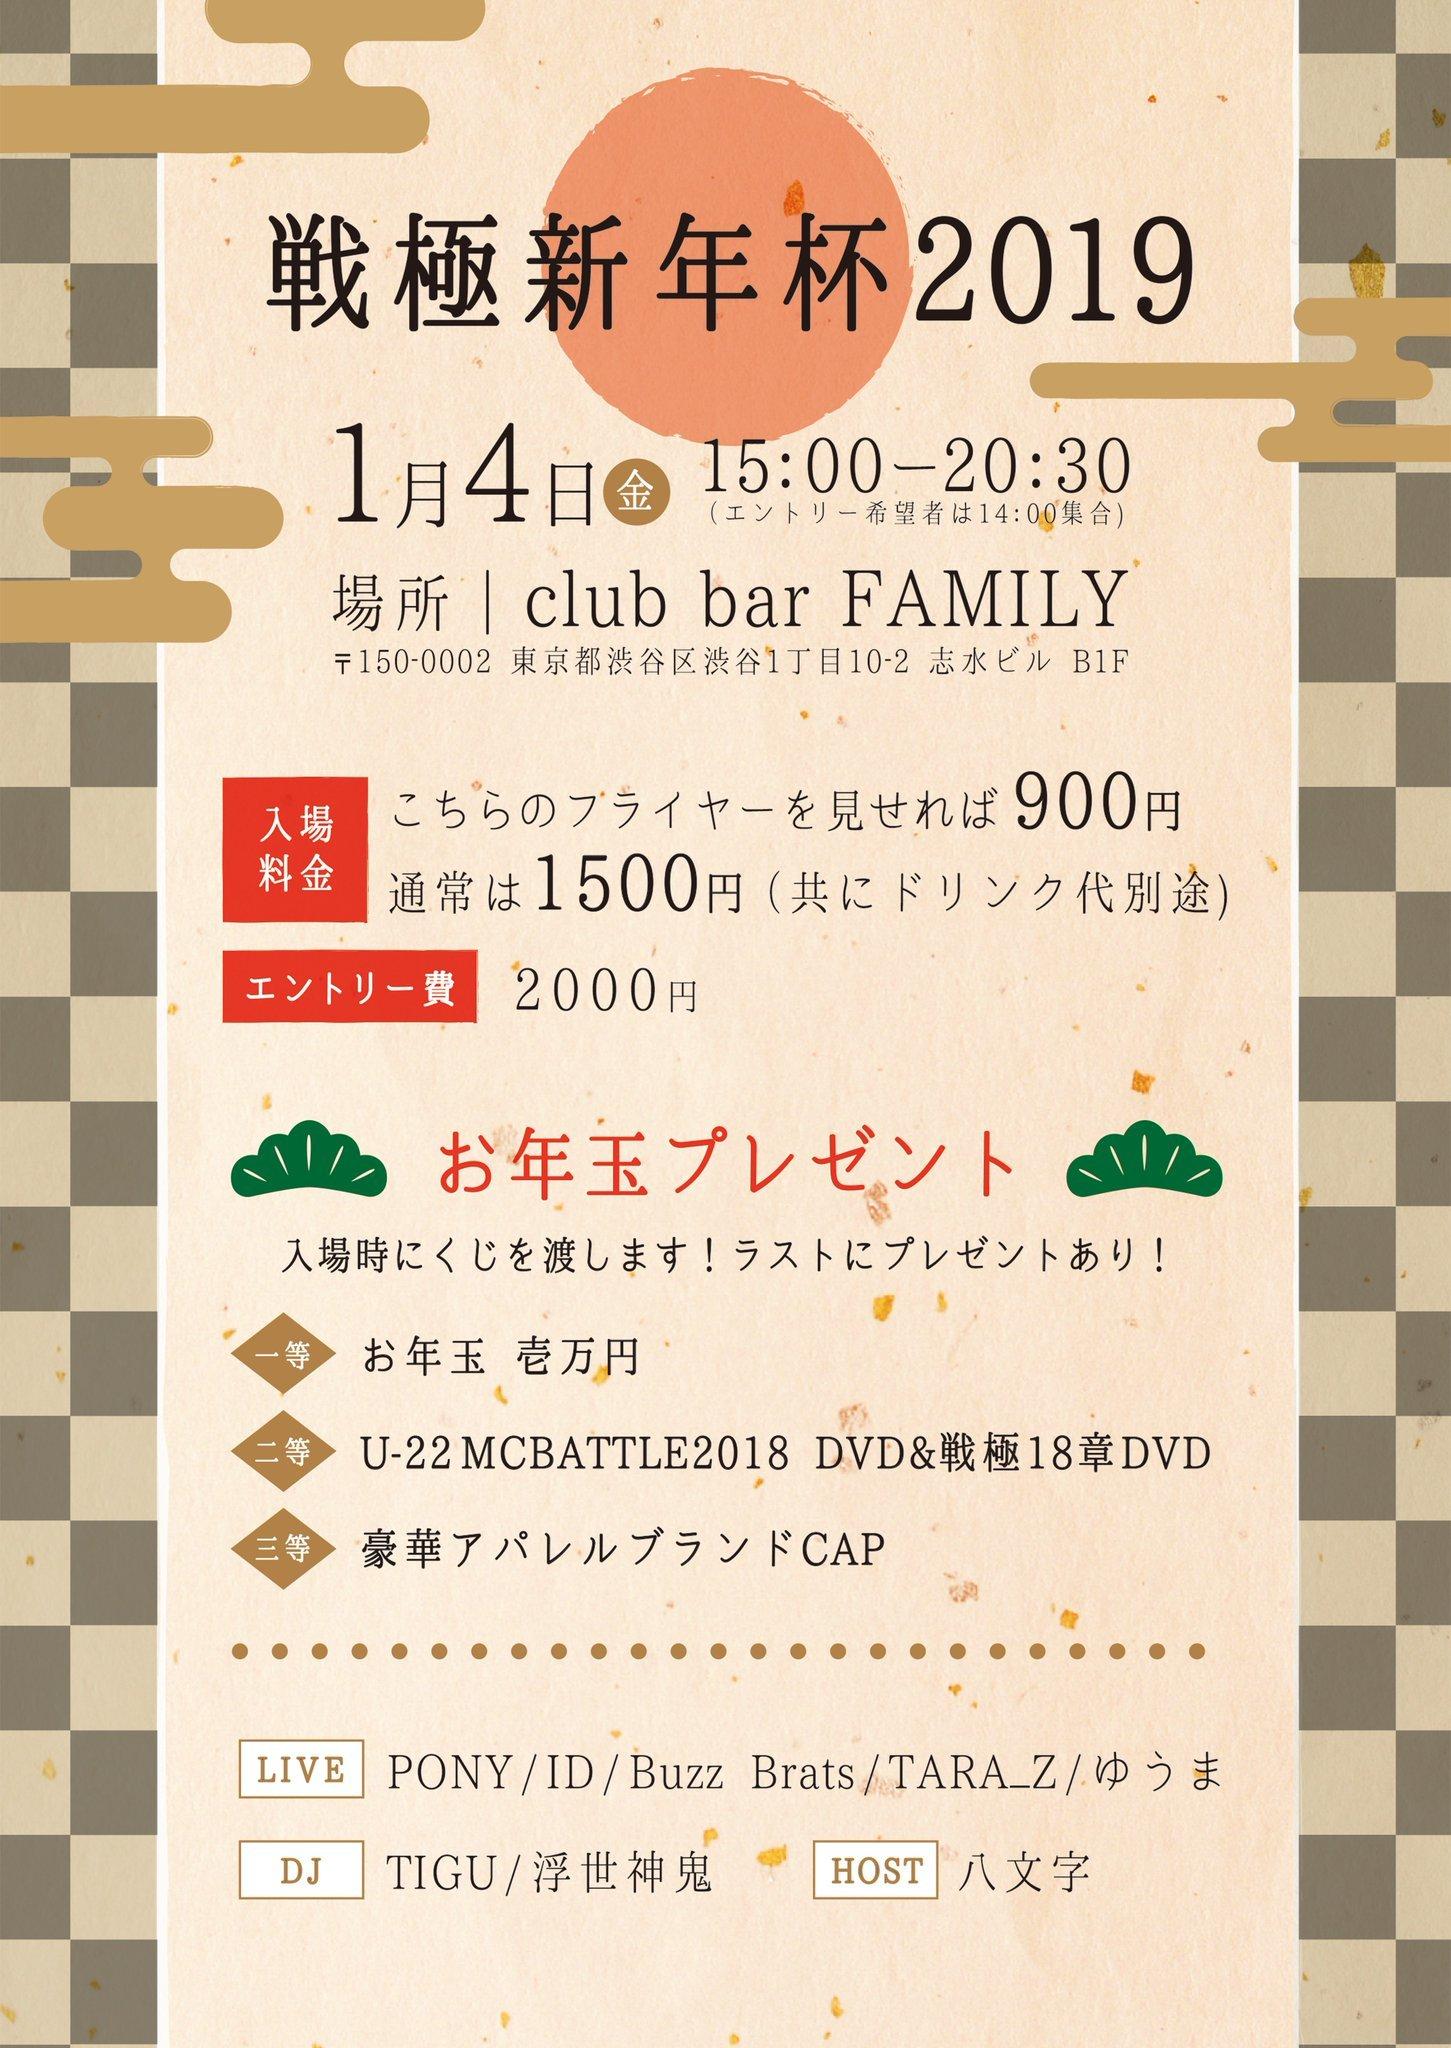 1/4「戦極新年杯 2019」開催!一万円プレゼントあります!_e0246863_02563496.jpg